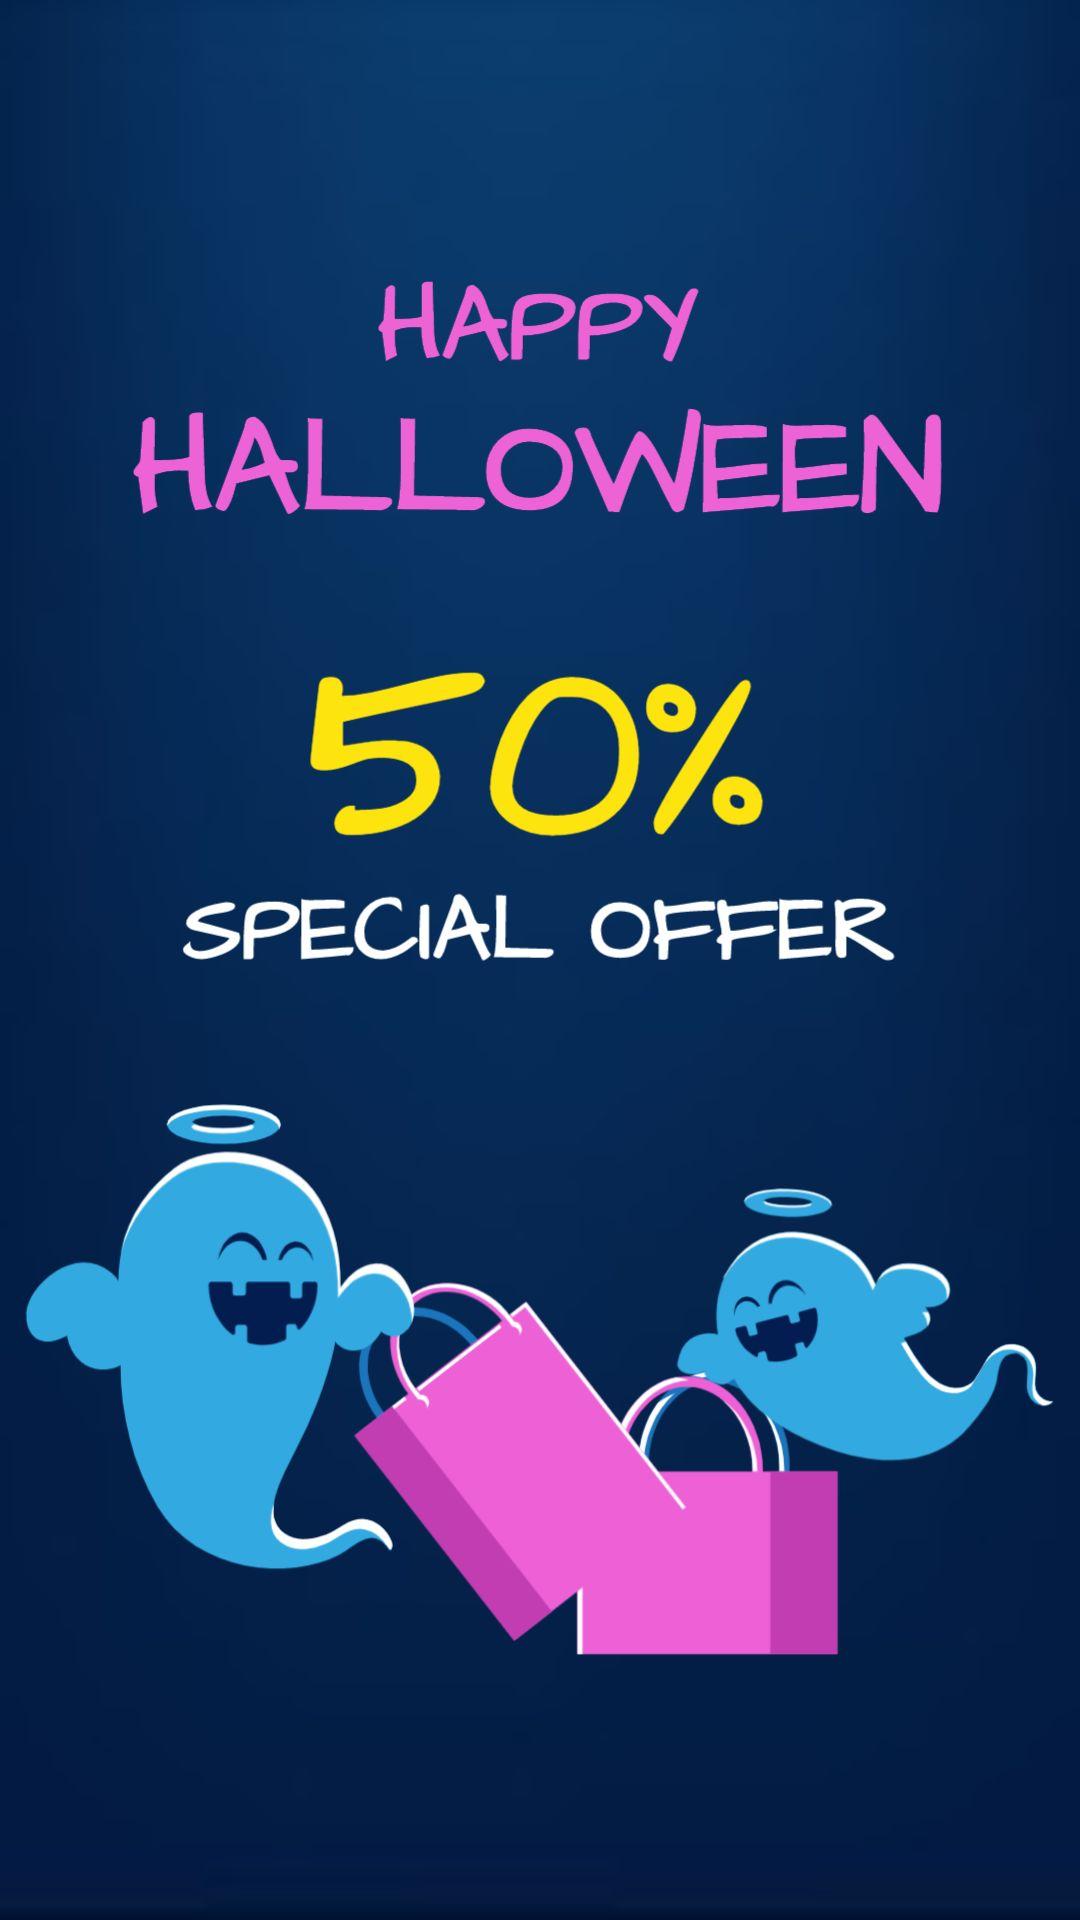 Happy Halloween! Post about Halloween Discount.